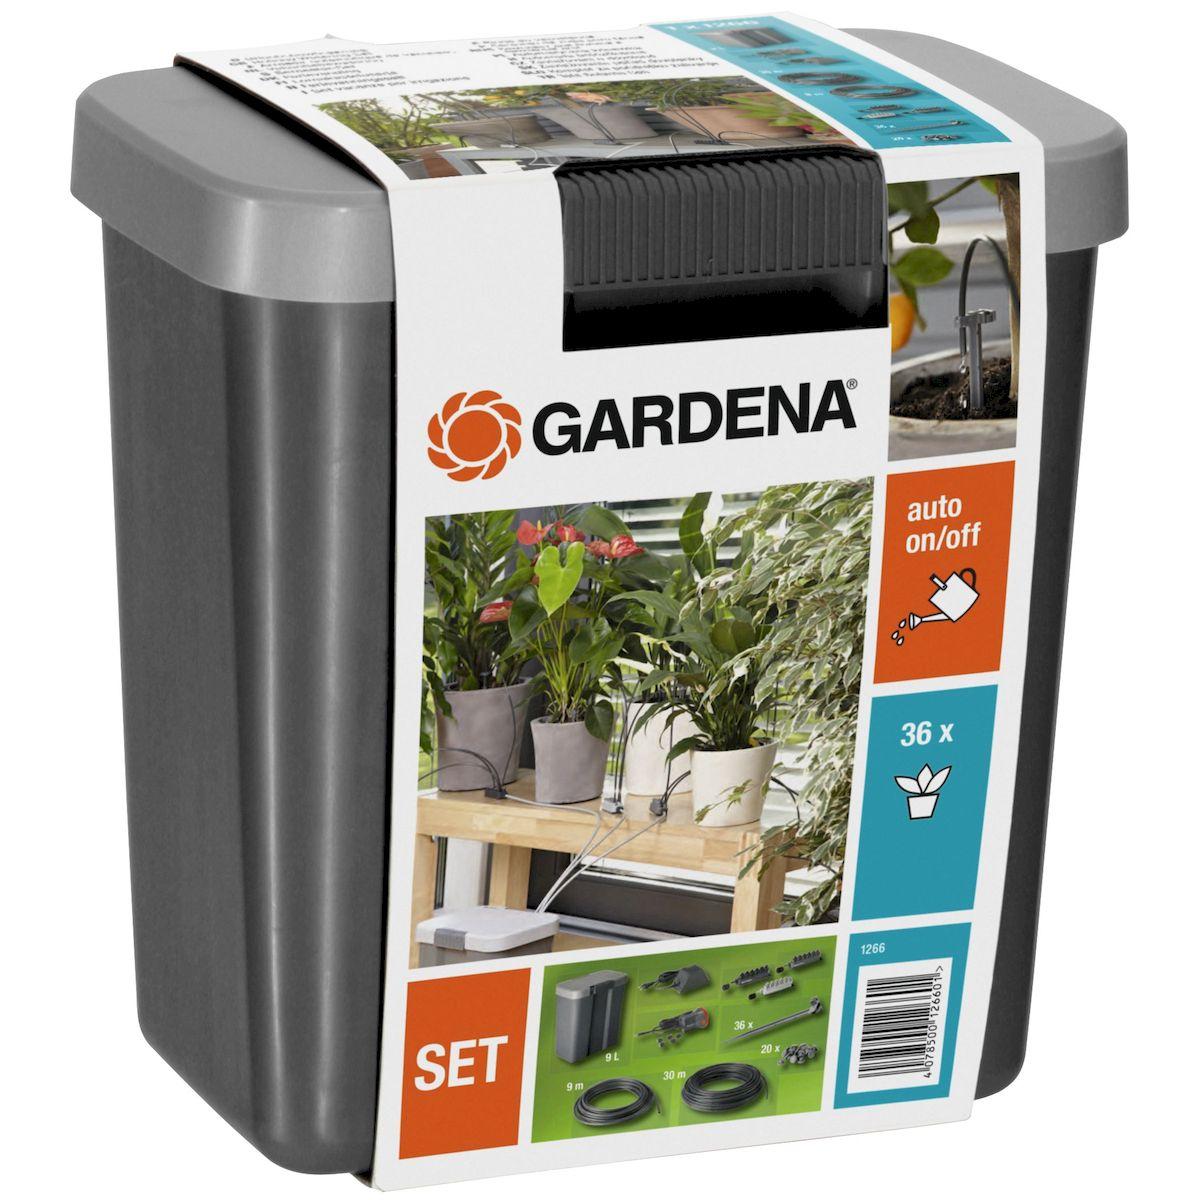 Комплект для полива в выходные дни Gardena, с емкостью на 9 л2.645-231.0Комплект для полива в выходные дни Gardena с емкостью на 9 литров- предназначен дляполностью автоматизированного полива комнатных растений во время вашего отсутствия(например, в отпуске). Он может также использоваться для полива растенийв цветочныхящиках на балконах и на крышах-террасах. Комплект не может применяться в местахобщественного пользования,на спортивных объектах, парках, в сельском и лесном хозяйстве. Принцип действия комплекта для полива заключается в следующем: подача насосом воды иземкости к отдельным растениям по 1 минуте, благодаря таймеру, встроенному втрансформатор с девятилитровой емкостью.Одновременно можно поливать до 36 растений.В первую очередь требуется определить количество воды, необходимое растениям ежедневно.Чтобы почувствовать правильную дозировку воды, можно испытать систему до начала отпускав течение нескольких дней.При перебоях в подаче электроэнергии, насос каждый раз запускается автоматически, ипродолжает работать по первоначально заданной программе после ее возобновления.Когда вы расставляете цветочные горшки, рекомендуется выбирать места, которыерасположены в зоне действия солнечных лучей, но не слишком близко от окна, лучше всего нарасстоянии приблизительно 1 м. Помните, что потребление воды каждым отдельнымрастением может меняться, если переместить его на другое место. В теплых и светлых местахони нуждаются в большем количестве воды, чем в темных и прохладных. Можно распределить цветочные горшки по группам и присоединить к каждой группесоответствующий капельный распределитель. Светло-серый капельный распределитель 1расходует приблизительно 15 мл на один канал в день, что соответствует содержанию какминимум стакана воды, предназначен для растений с незначительным потреблением воды.Серый капельный распределитель 2, используется для растений со средним потреблениемводы. Расходует приблизительно 30 мл на один канал в день, что соответствует содержаниюприблизител